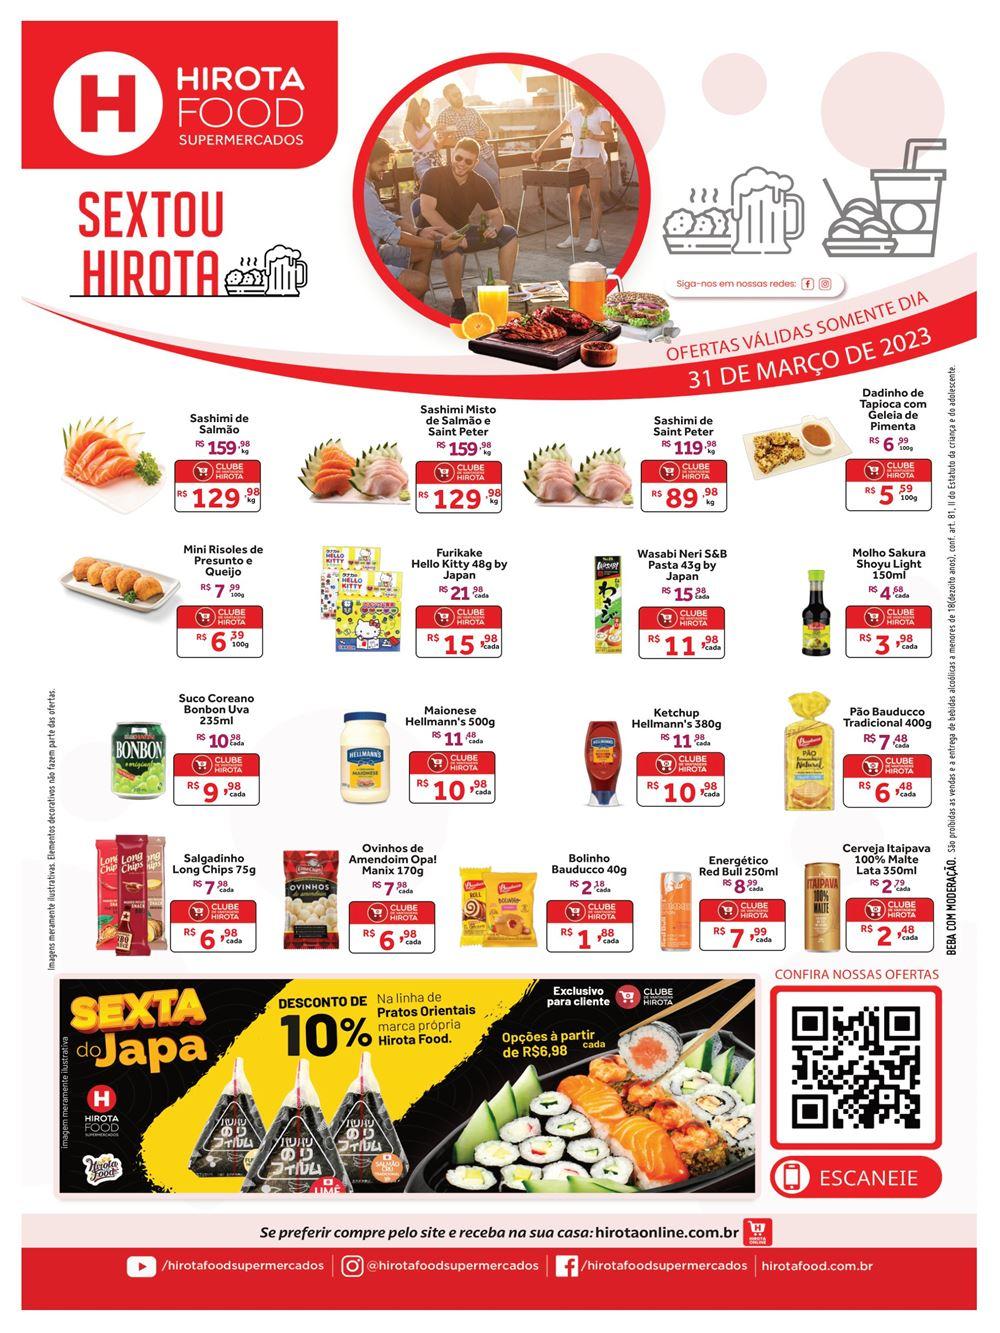 hirota-ofertas-descontos-hoje1-35 Ofertas de supermercados